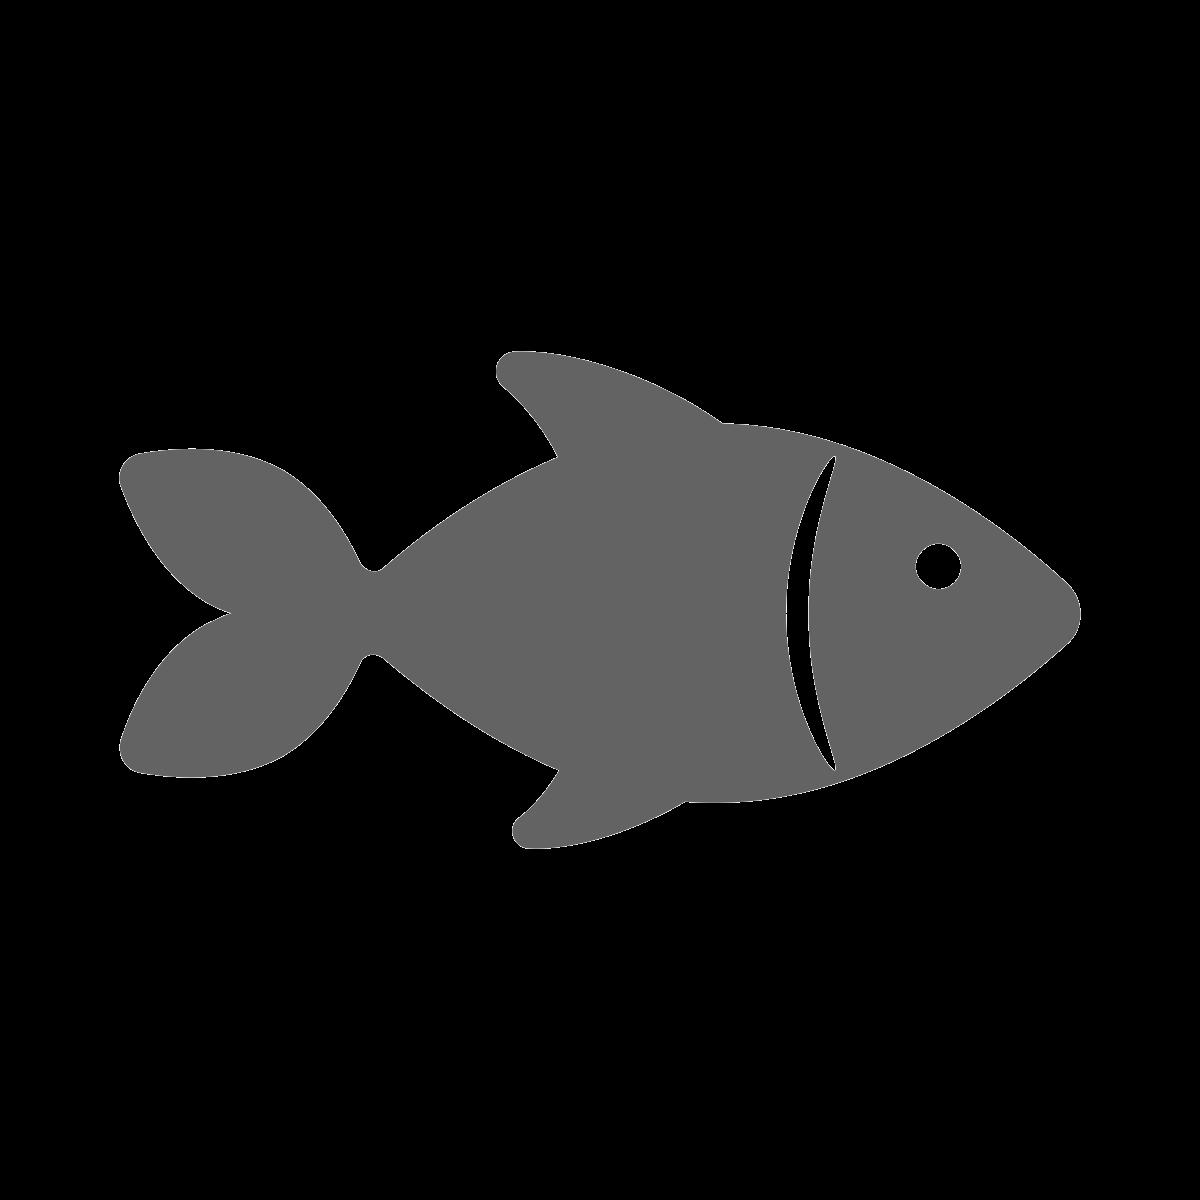 noun_Fish_1847789_646363